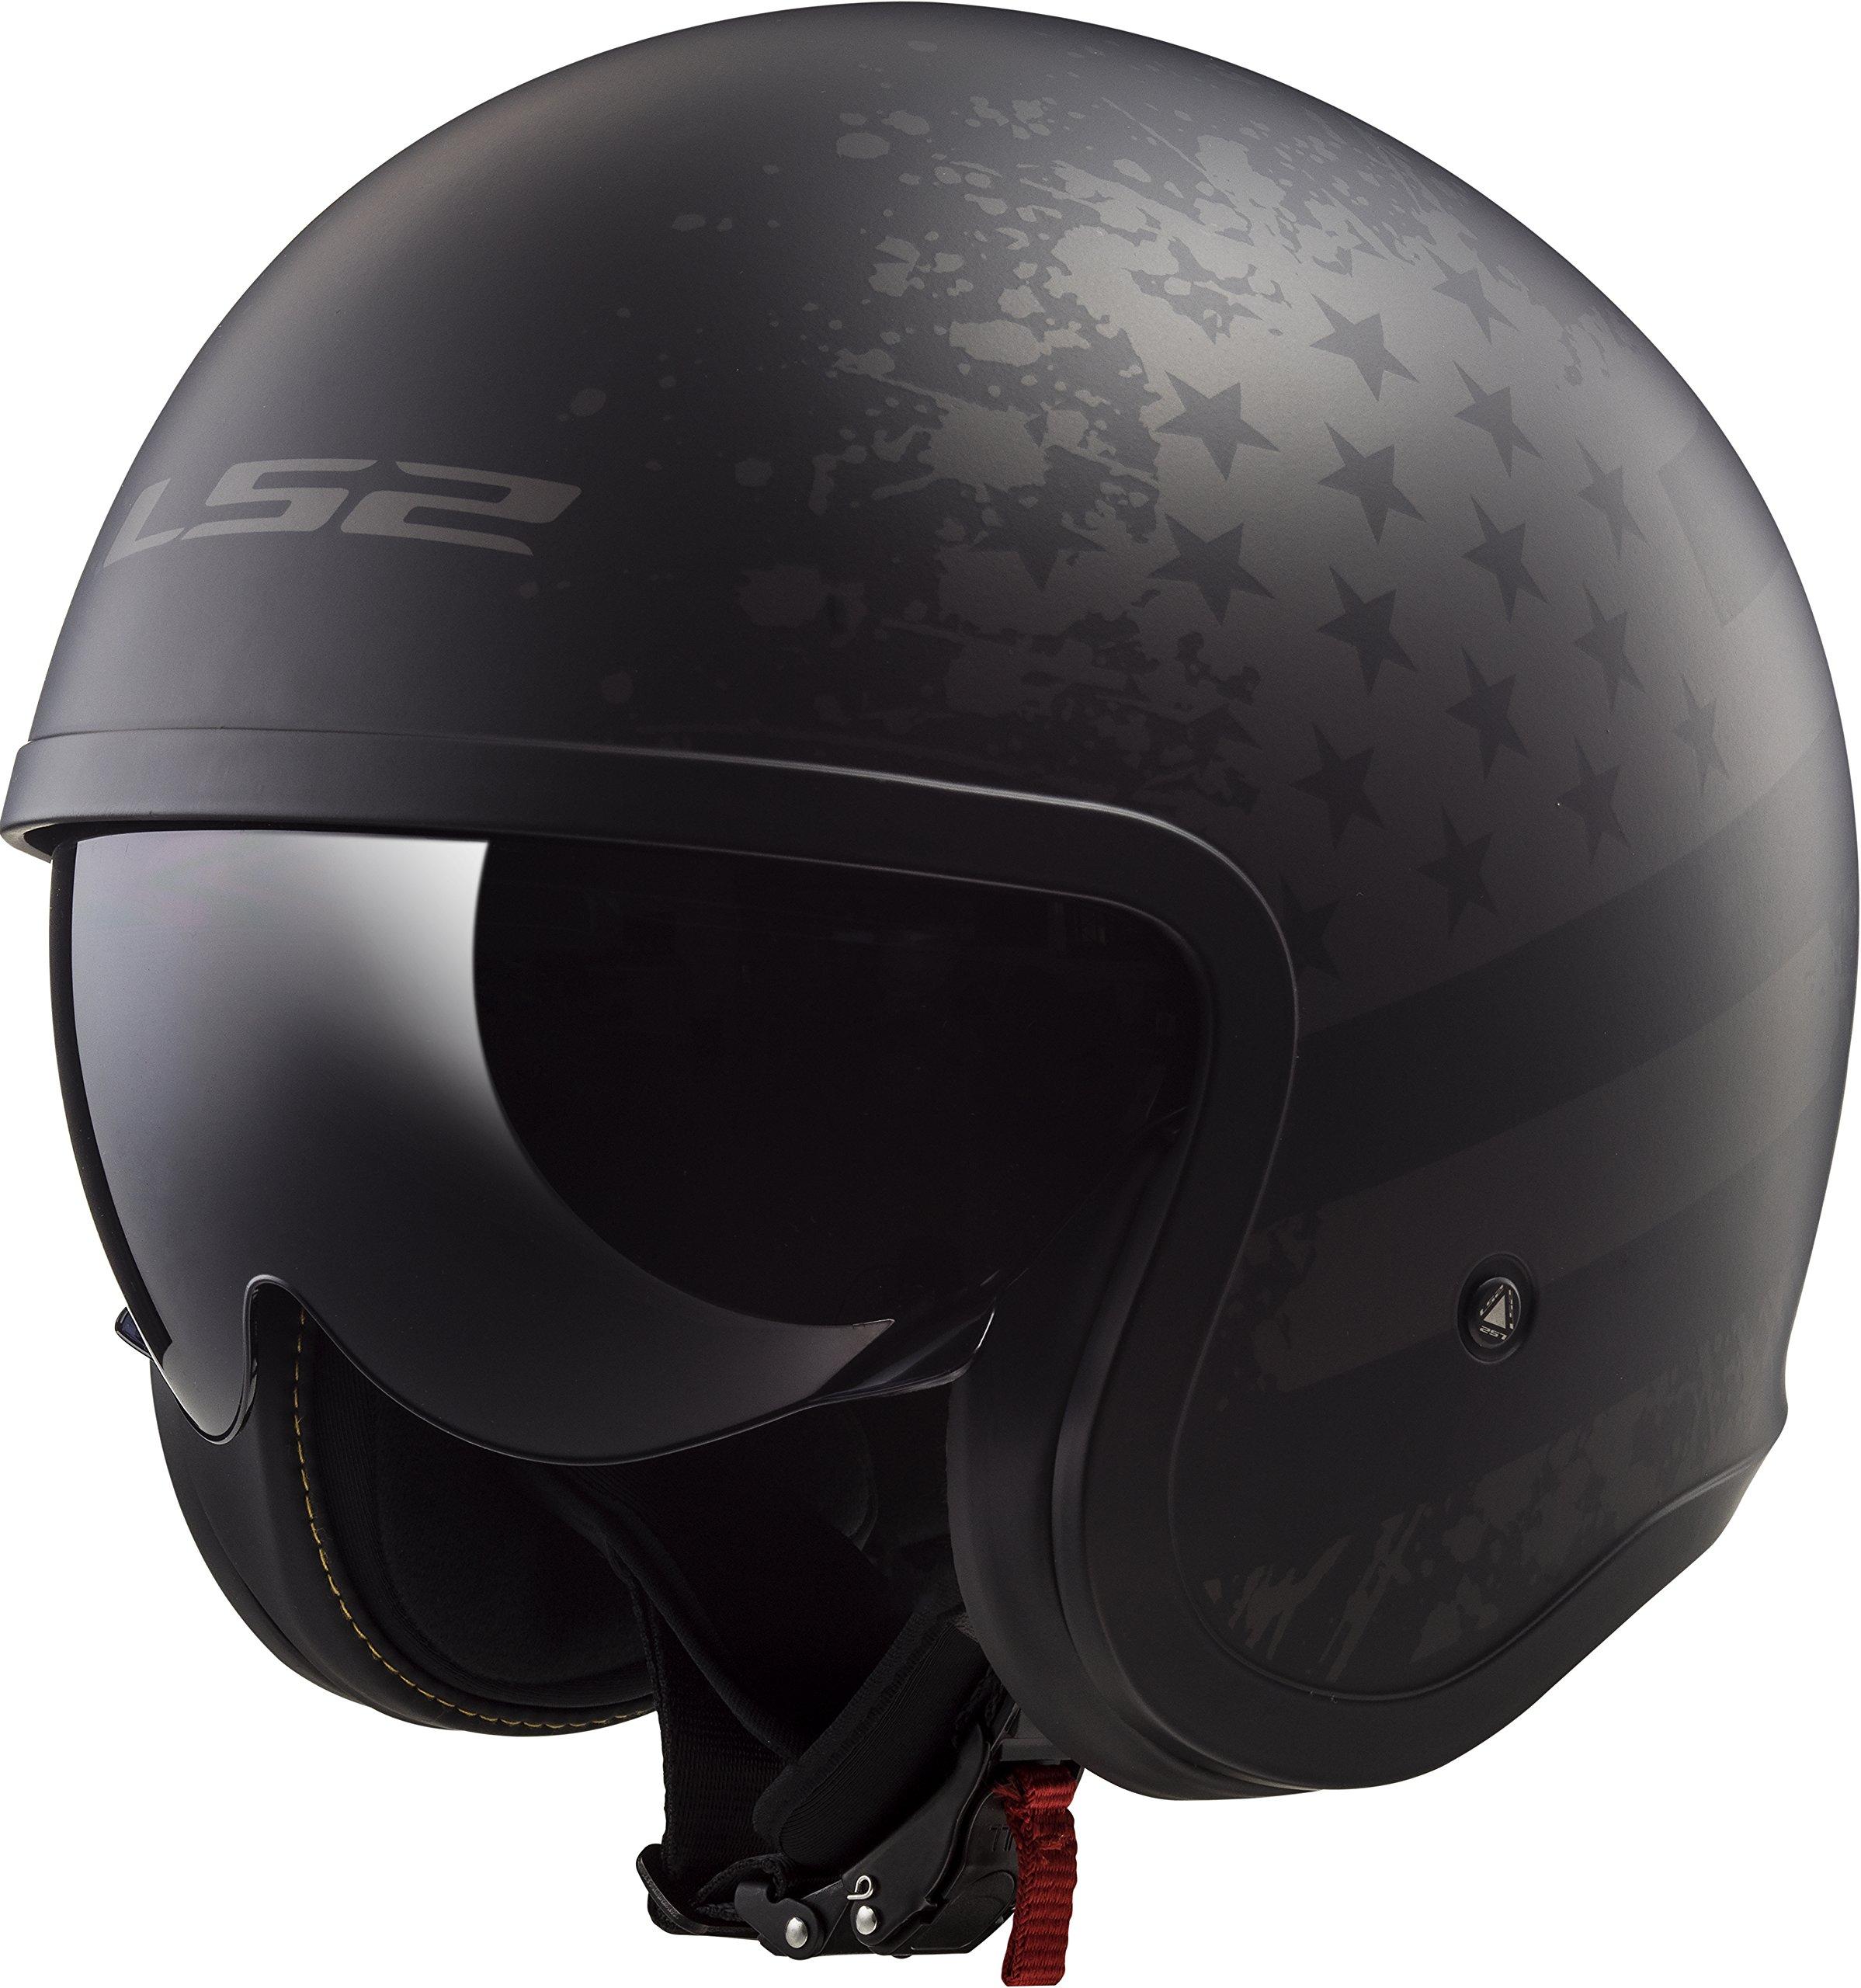 LS2 Helmets Unisex Adult Helmet Shield